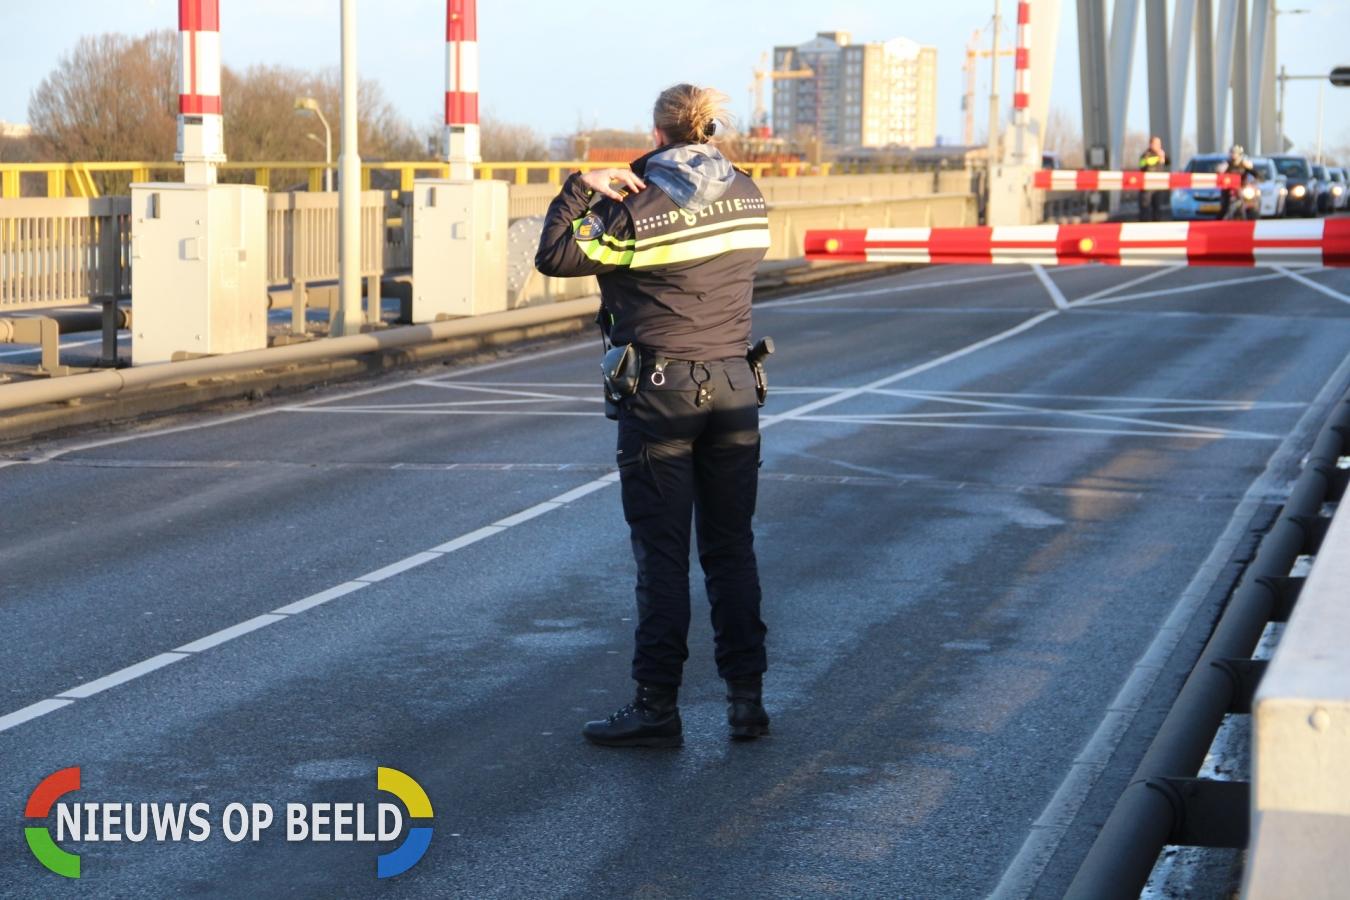 Grote verkeerschaos door defecte slagbomen Algerabrug Capelle aan den IJssel (video)